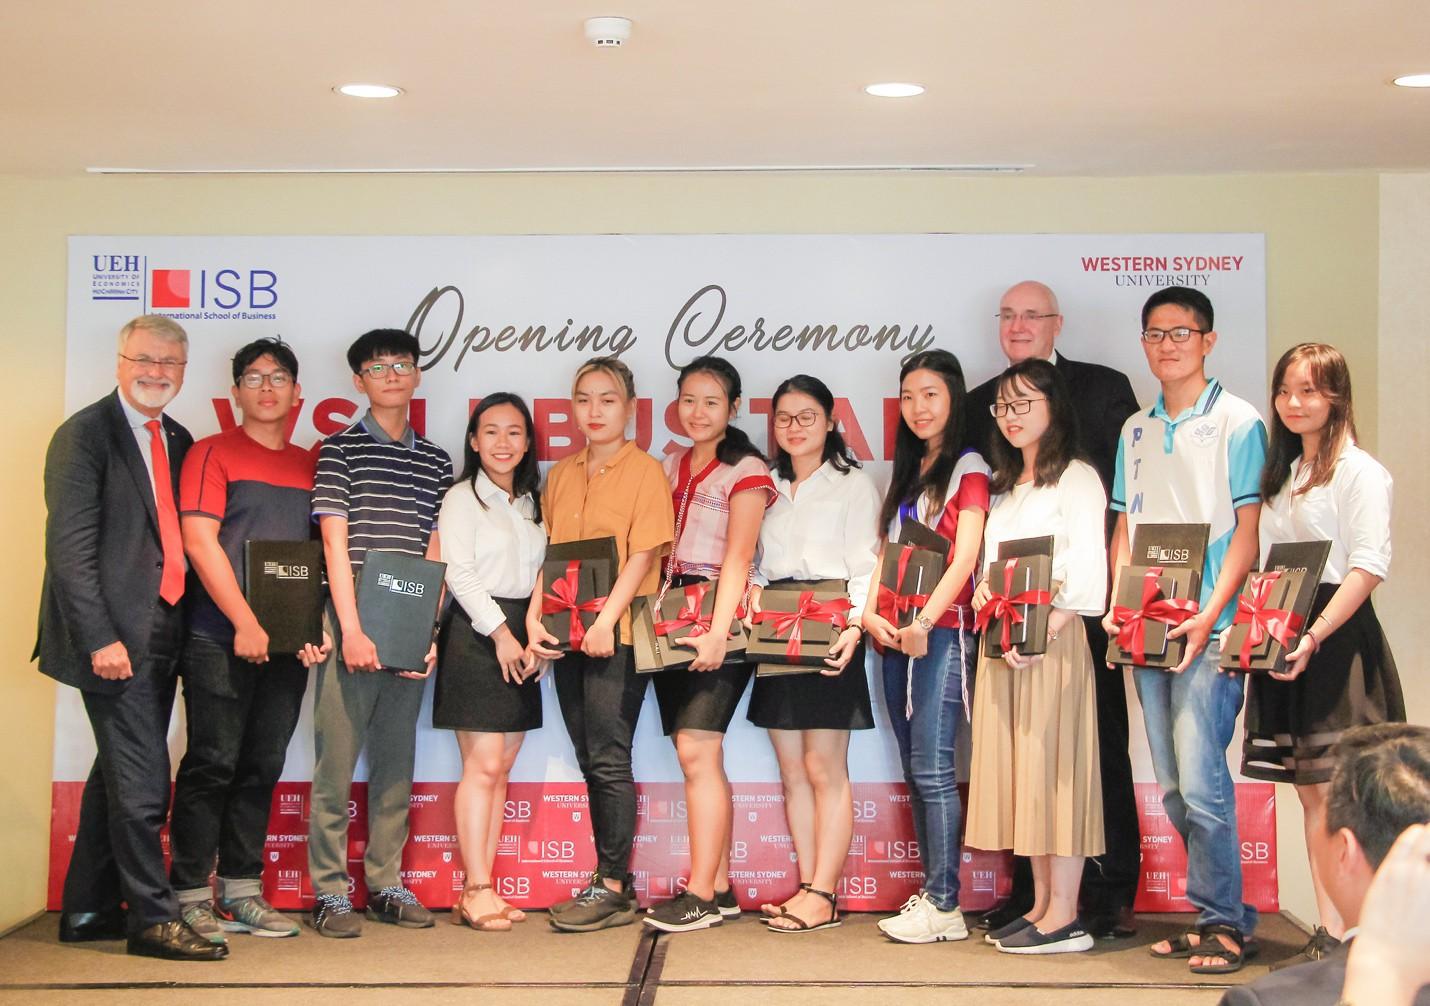 WSU BBUS Talent: Cơ hội trải nghiệm nền giáo dục hiện đại cho sinh viên ASEAN - Ảnh 1.